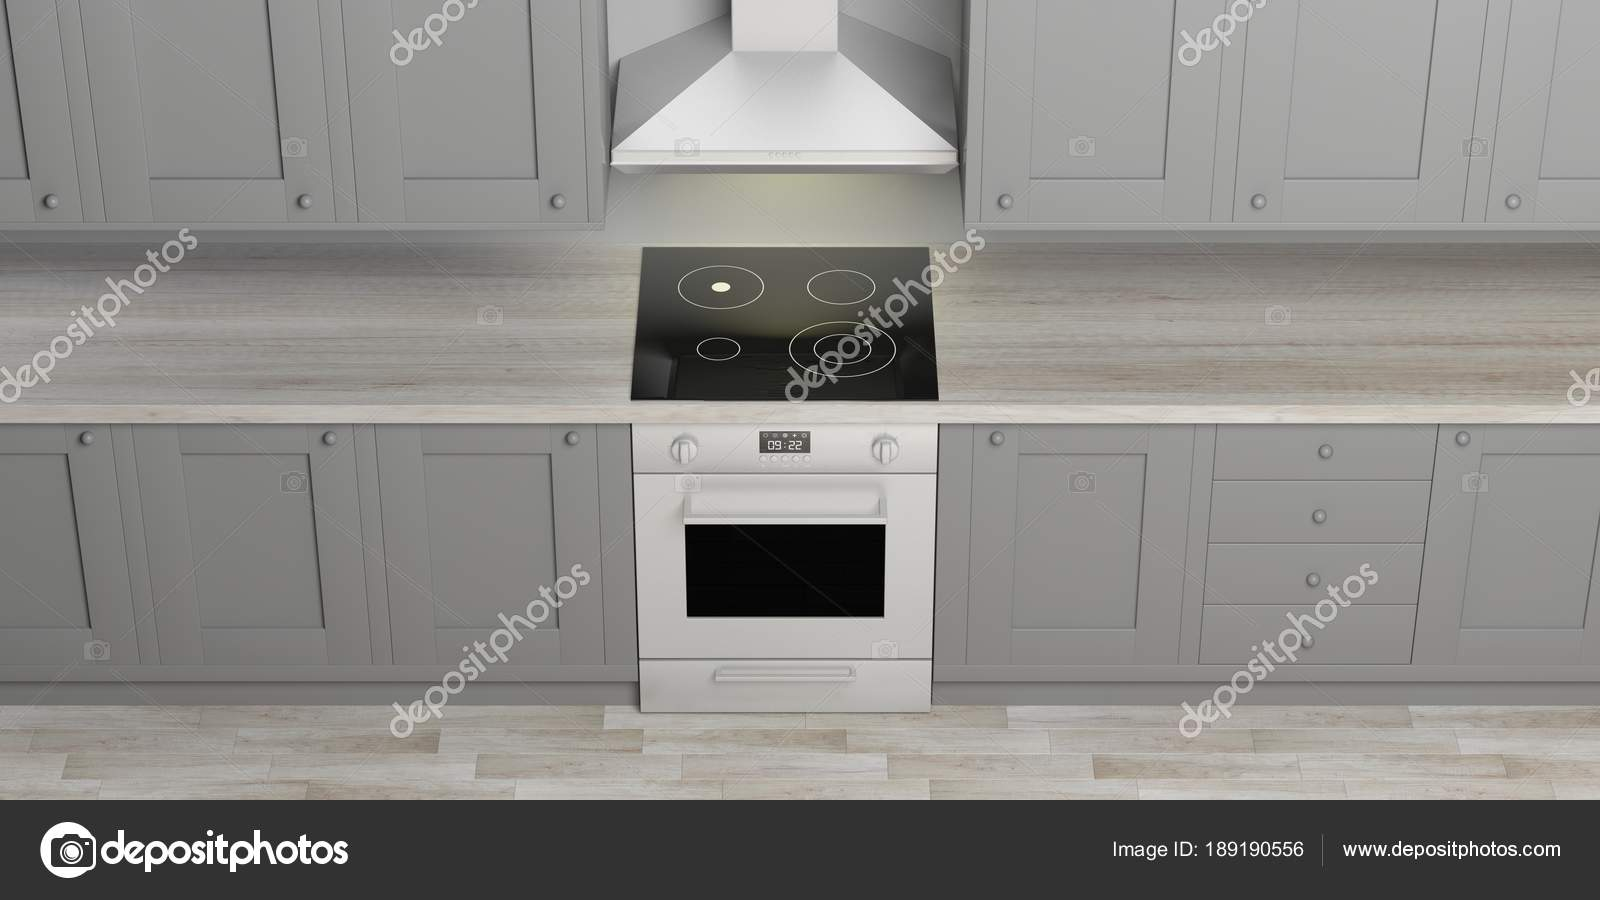 Mobili Da Cucina E Forno Elettrico Con Piano Cottura In Vetroceramica,  Pavimento In Legno,